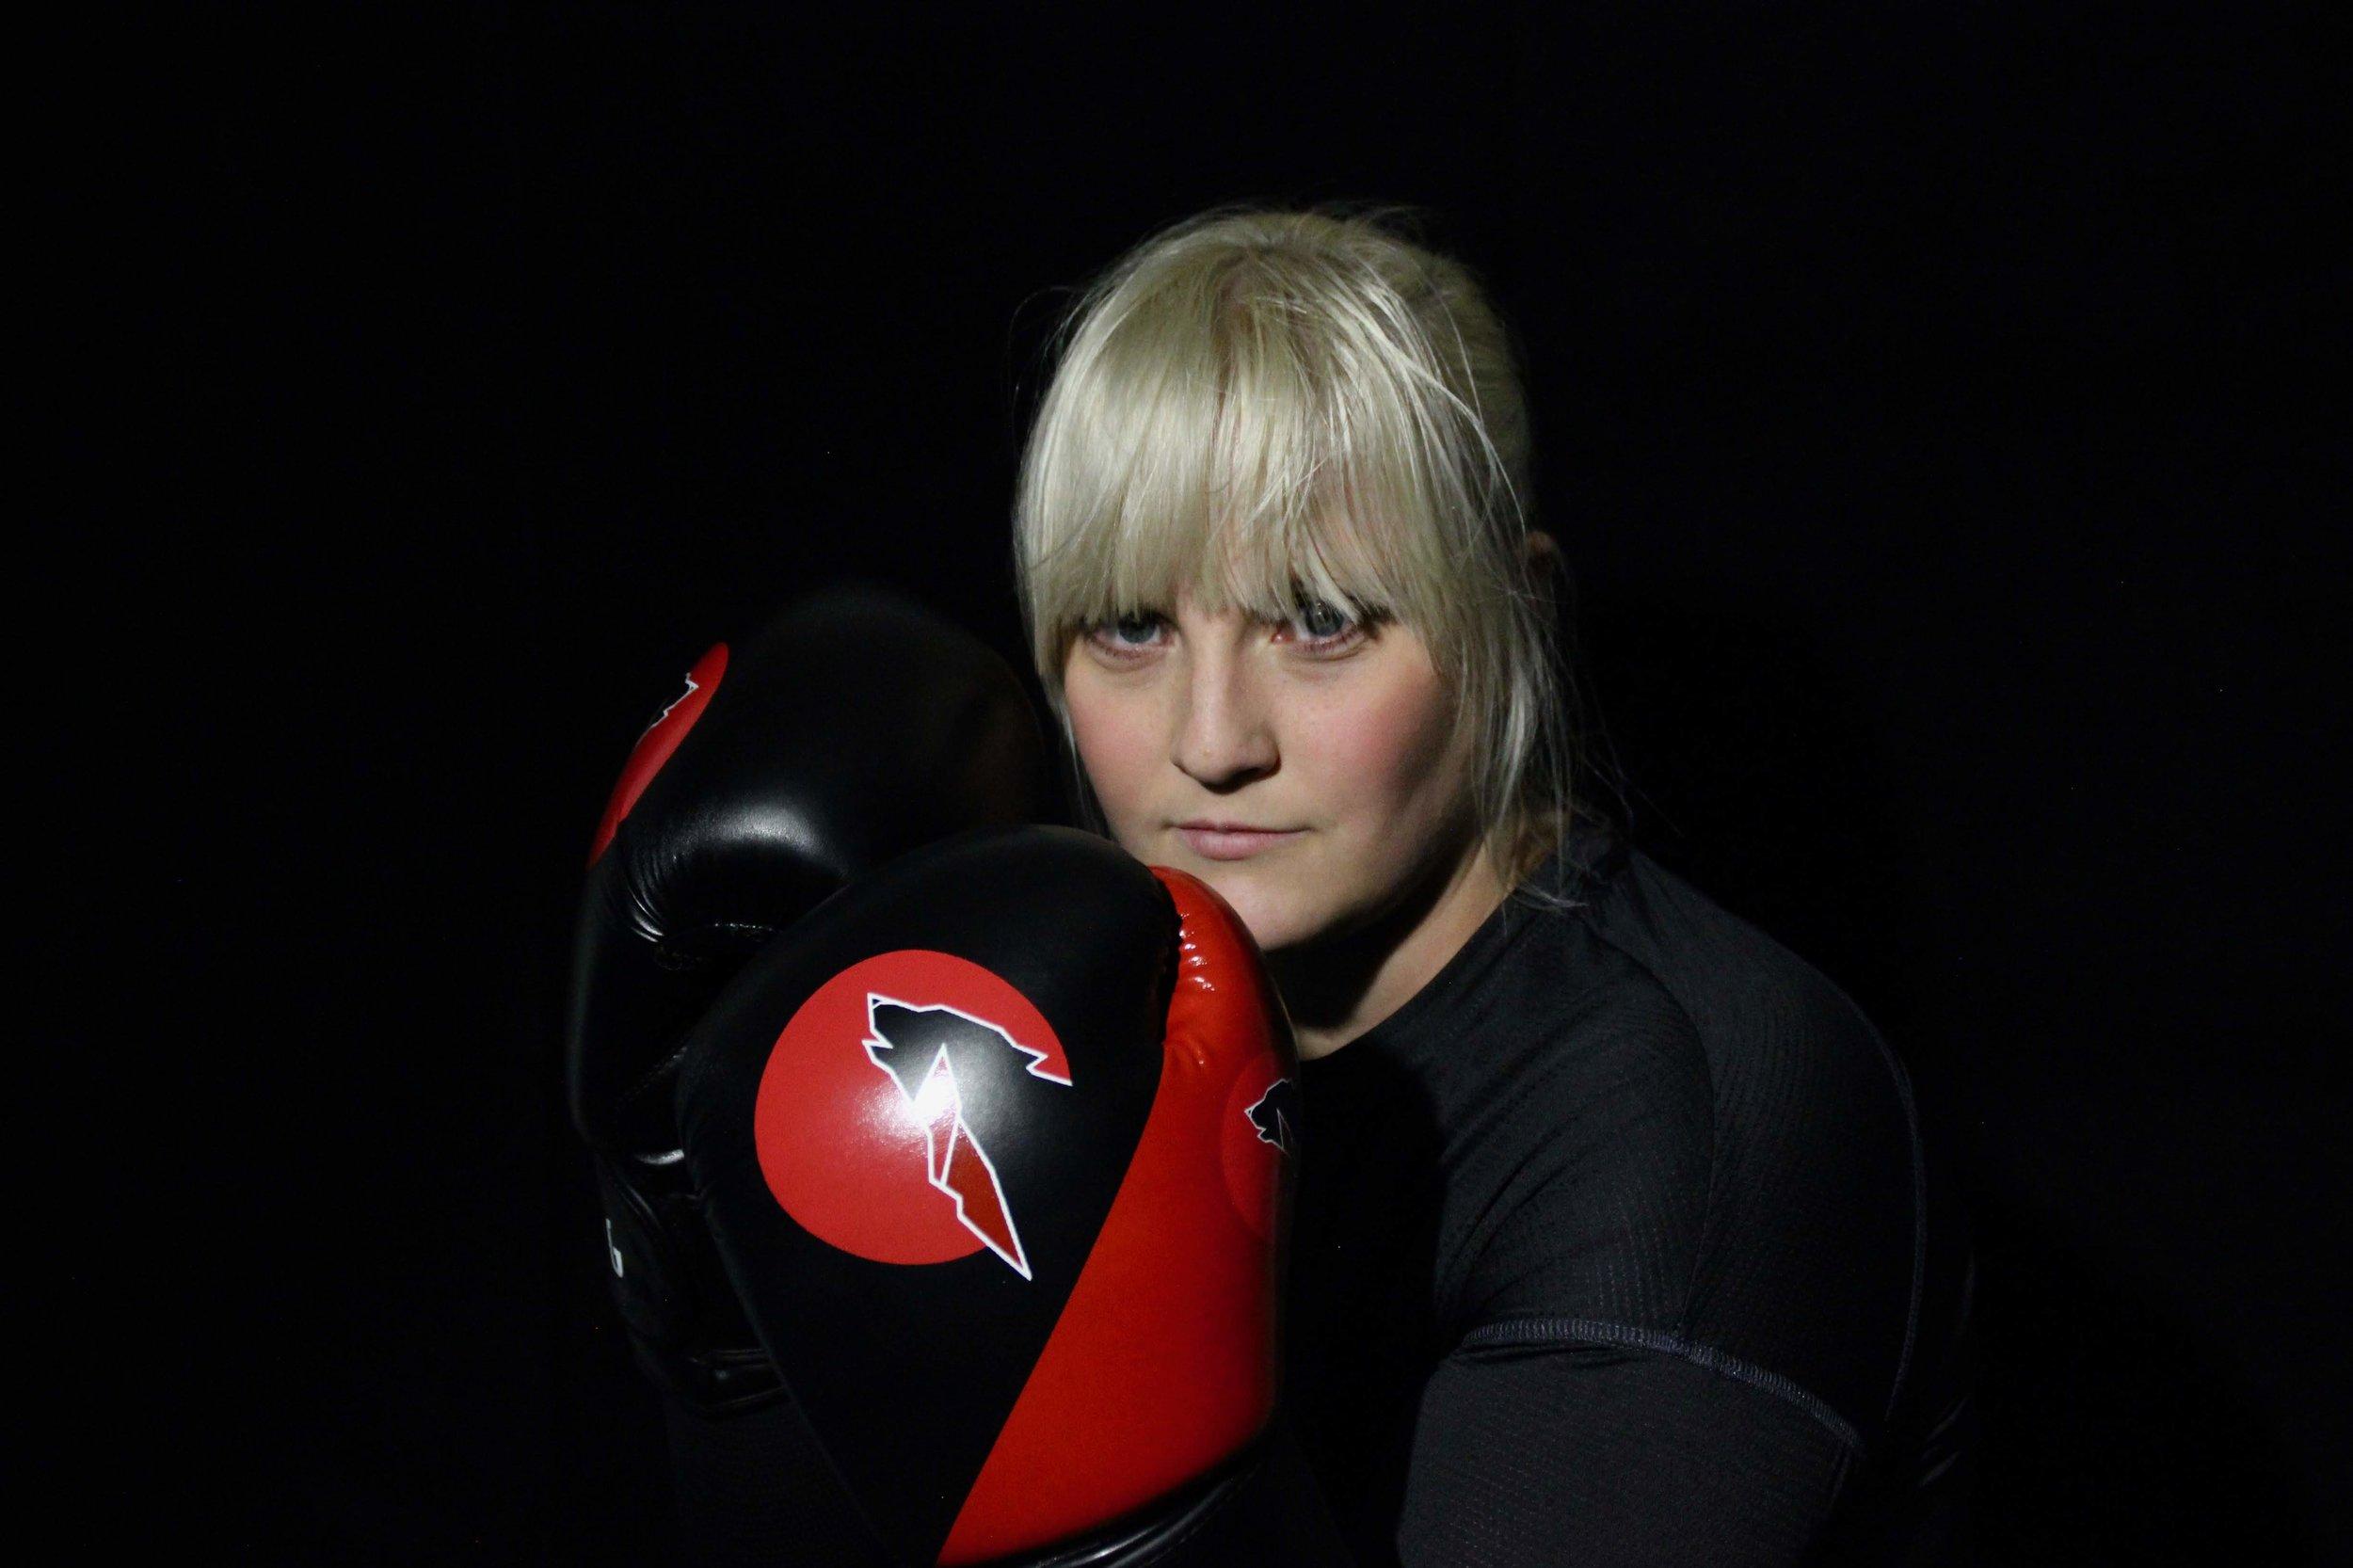 Antonette Faye Rundereim